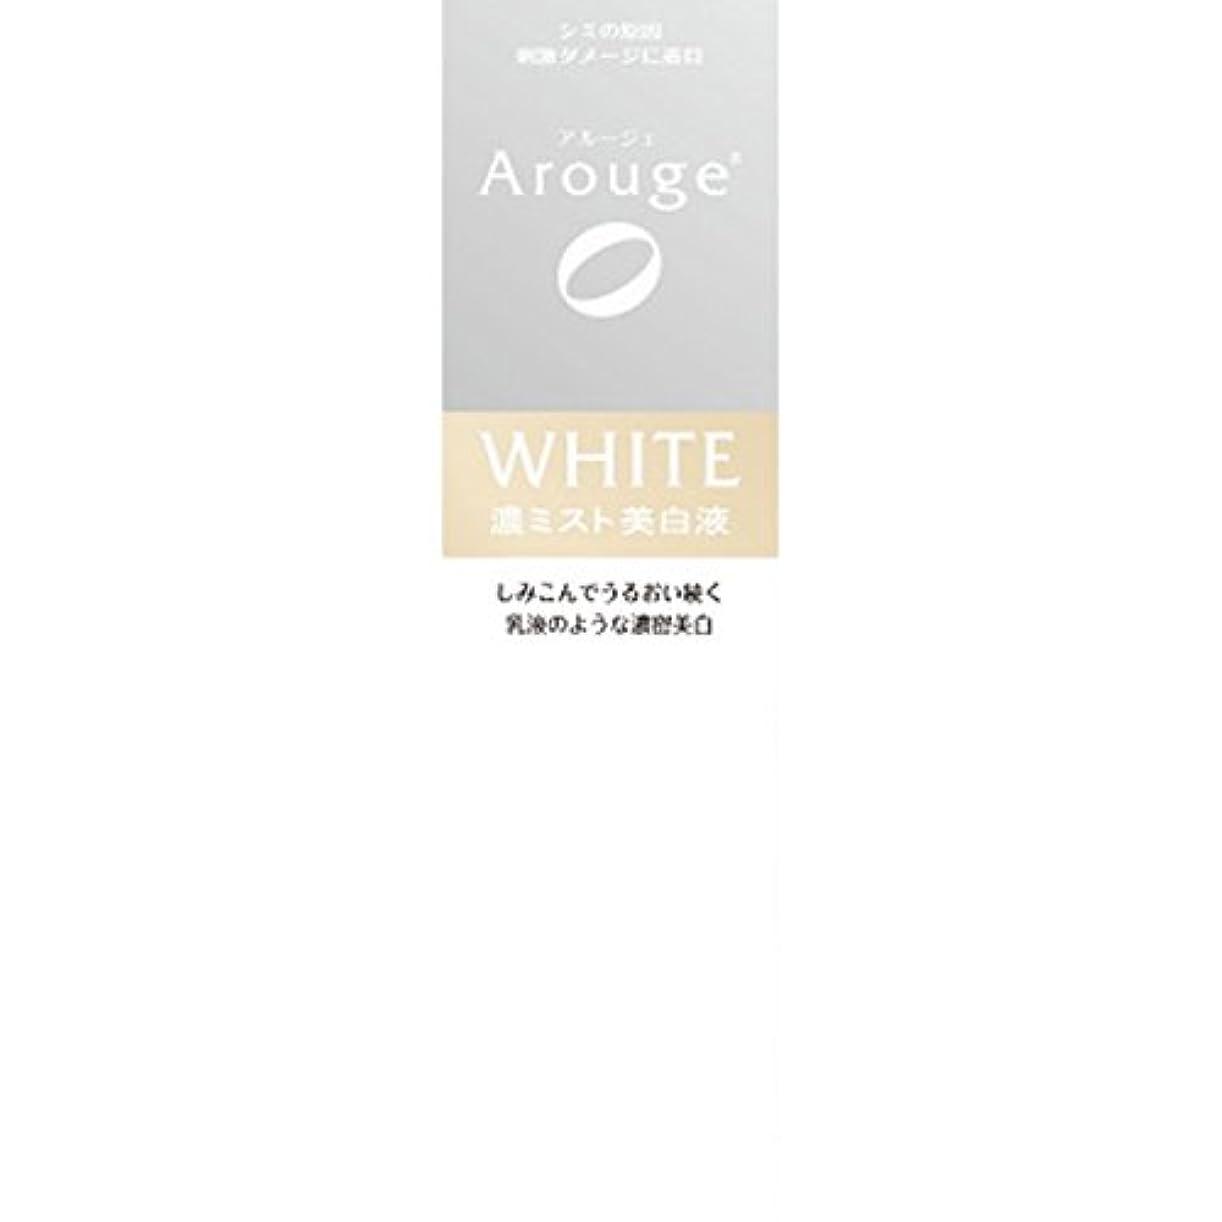 博物館革命コーラス【医薬部外品】アルージェホワイトニングミストセラム 100ML【2個セット】